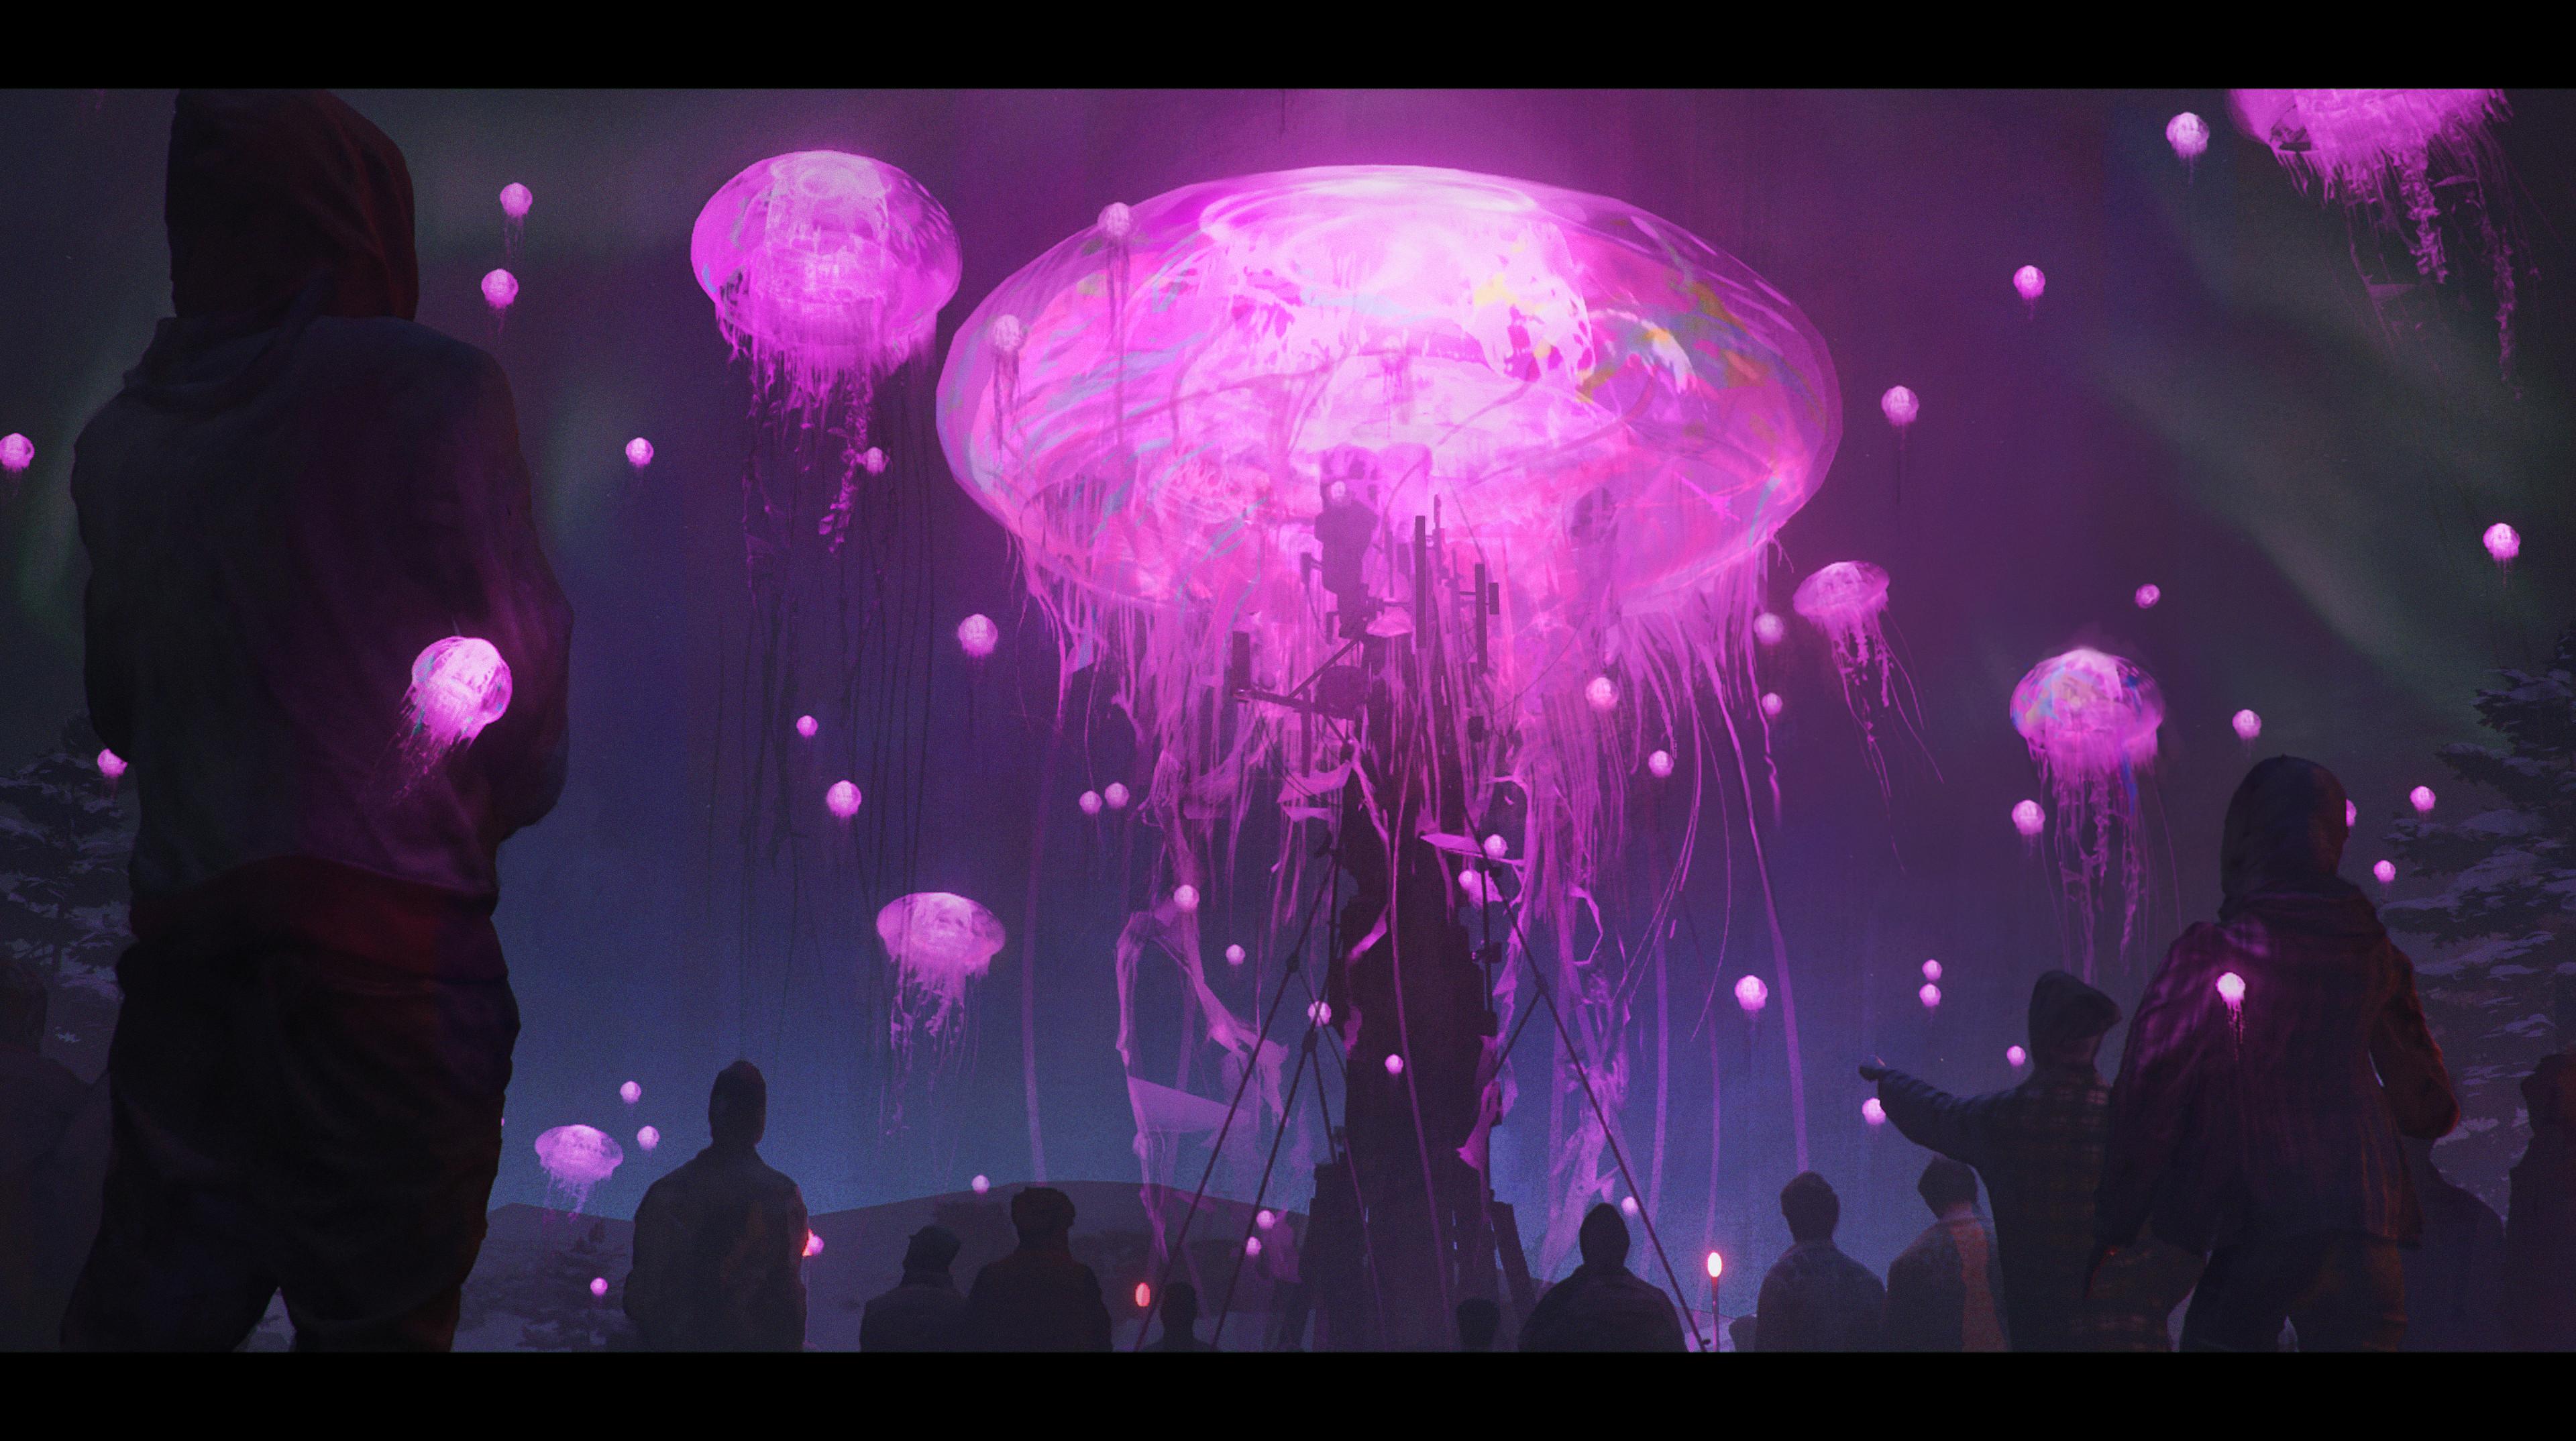 General 3840x2148 artwork digital art fantasy art jellyfish